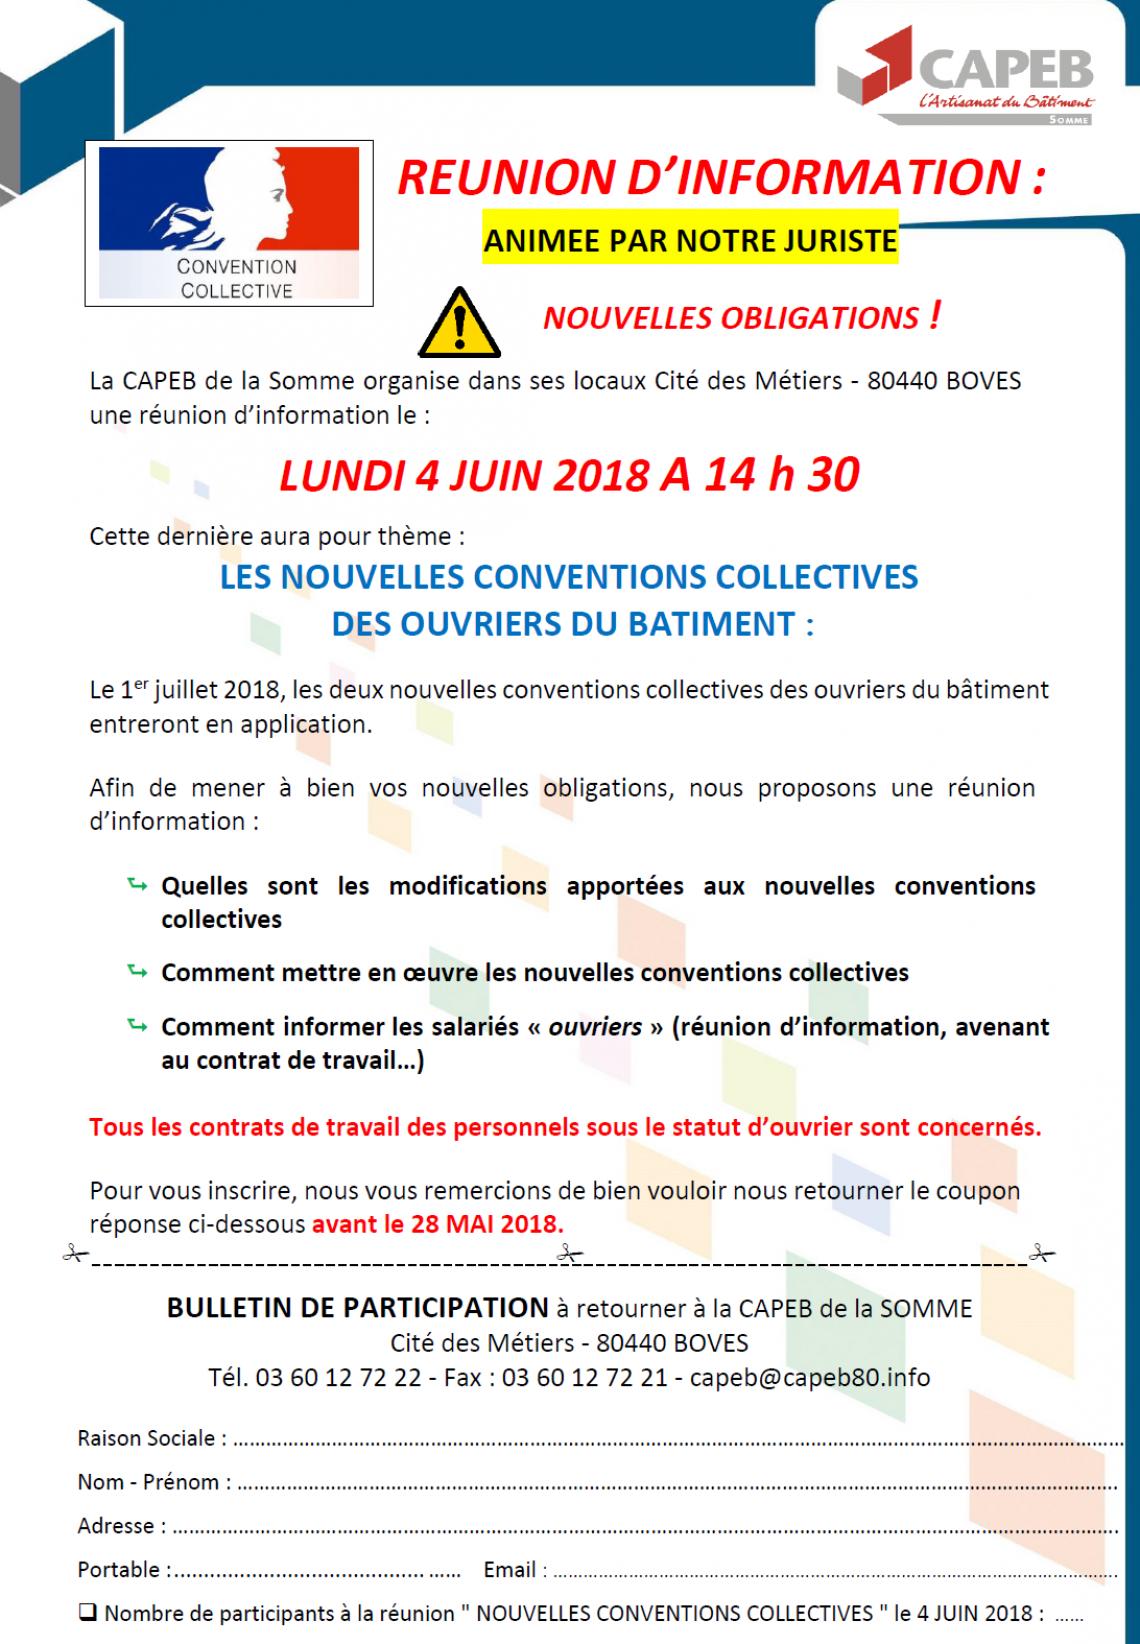 Capeb Reunion Sur Les Nouvelles Conventions Collectives Des